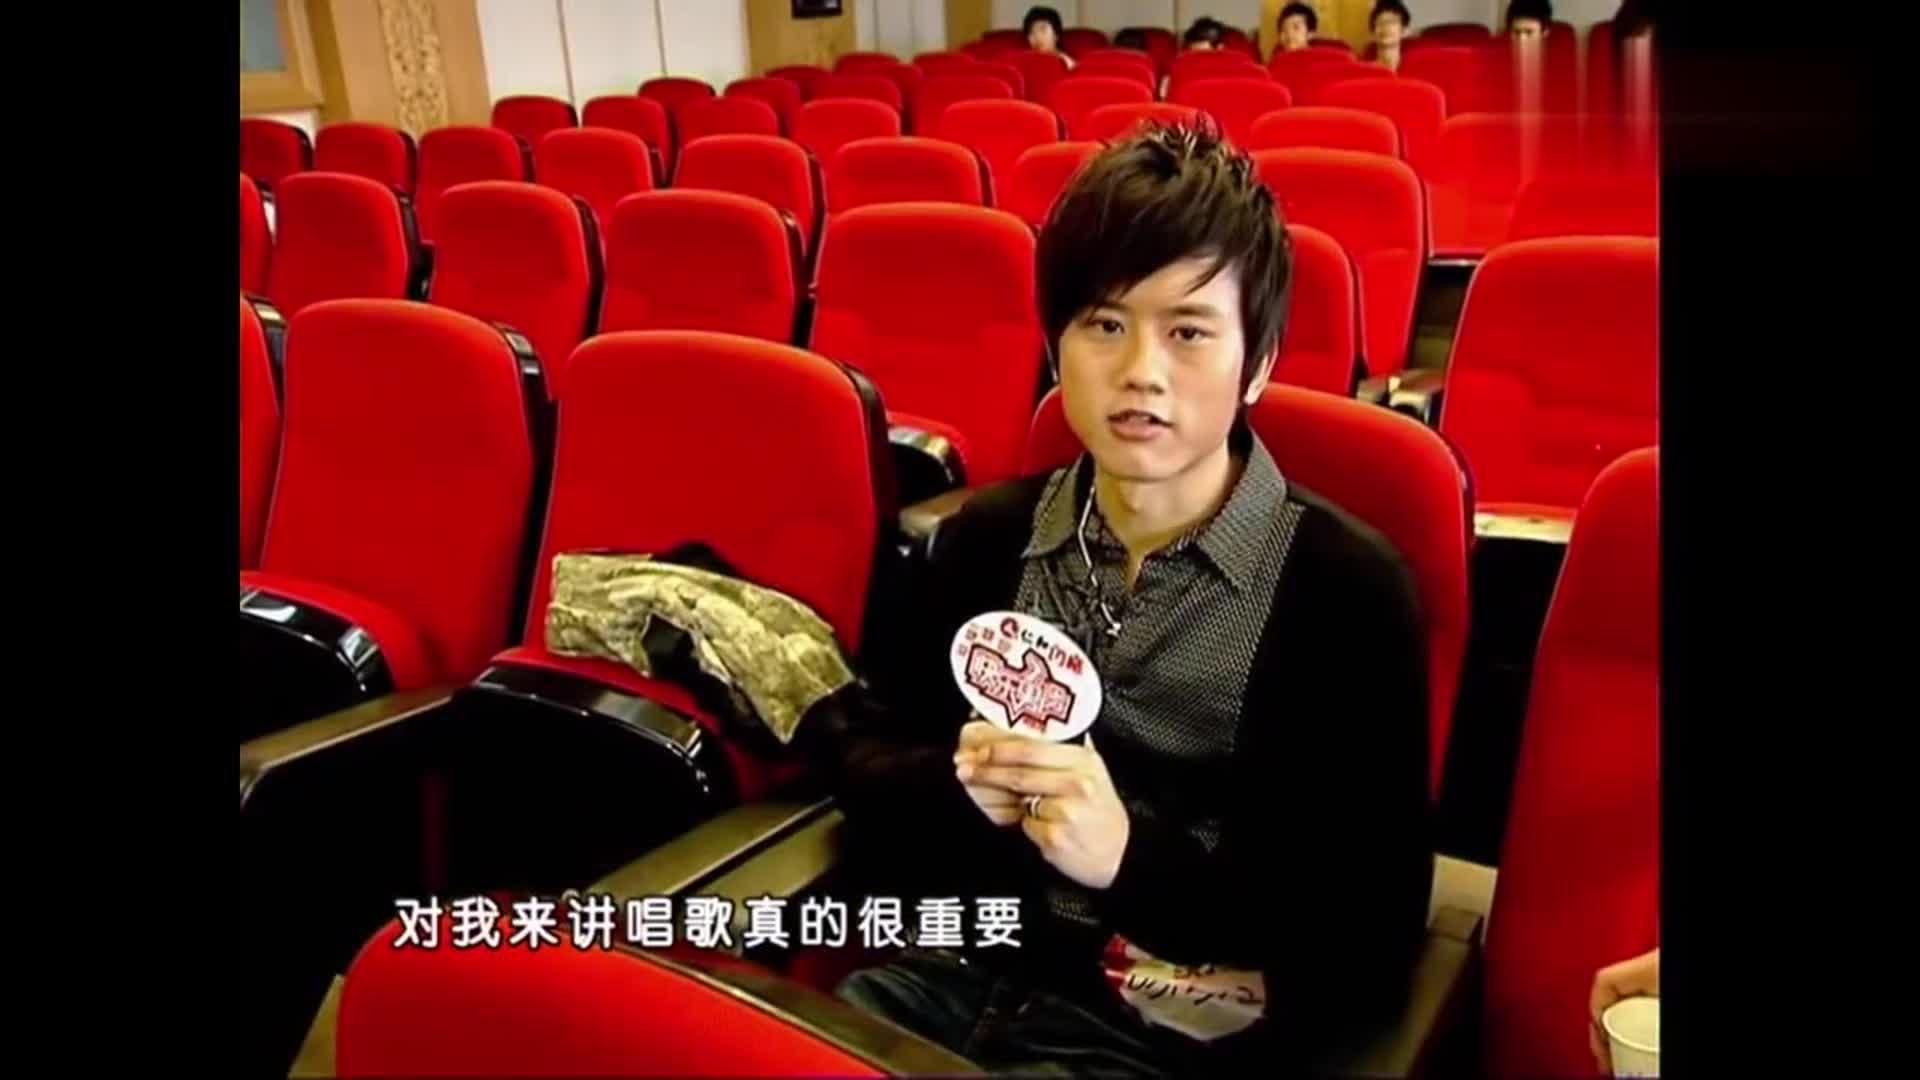 2007年张杰参加海选视频,谢娜当年竟然是主持人 缘分不浅啊!